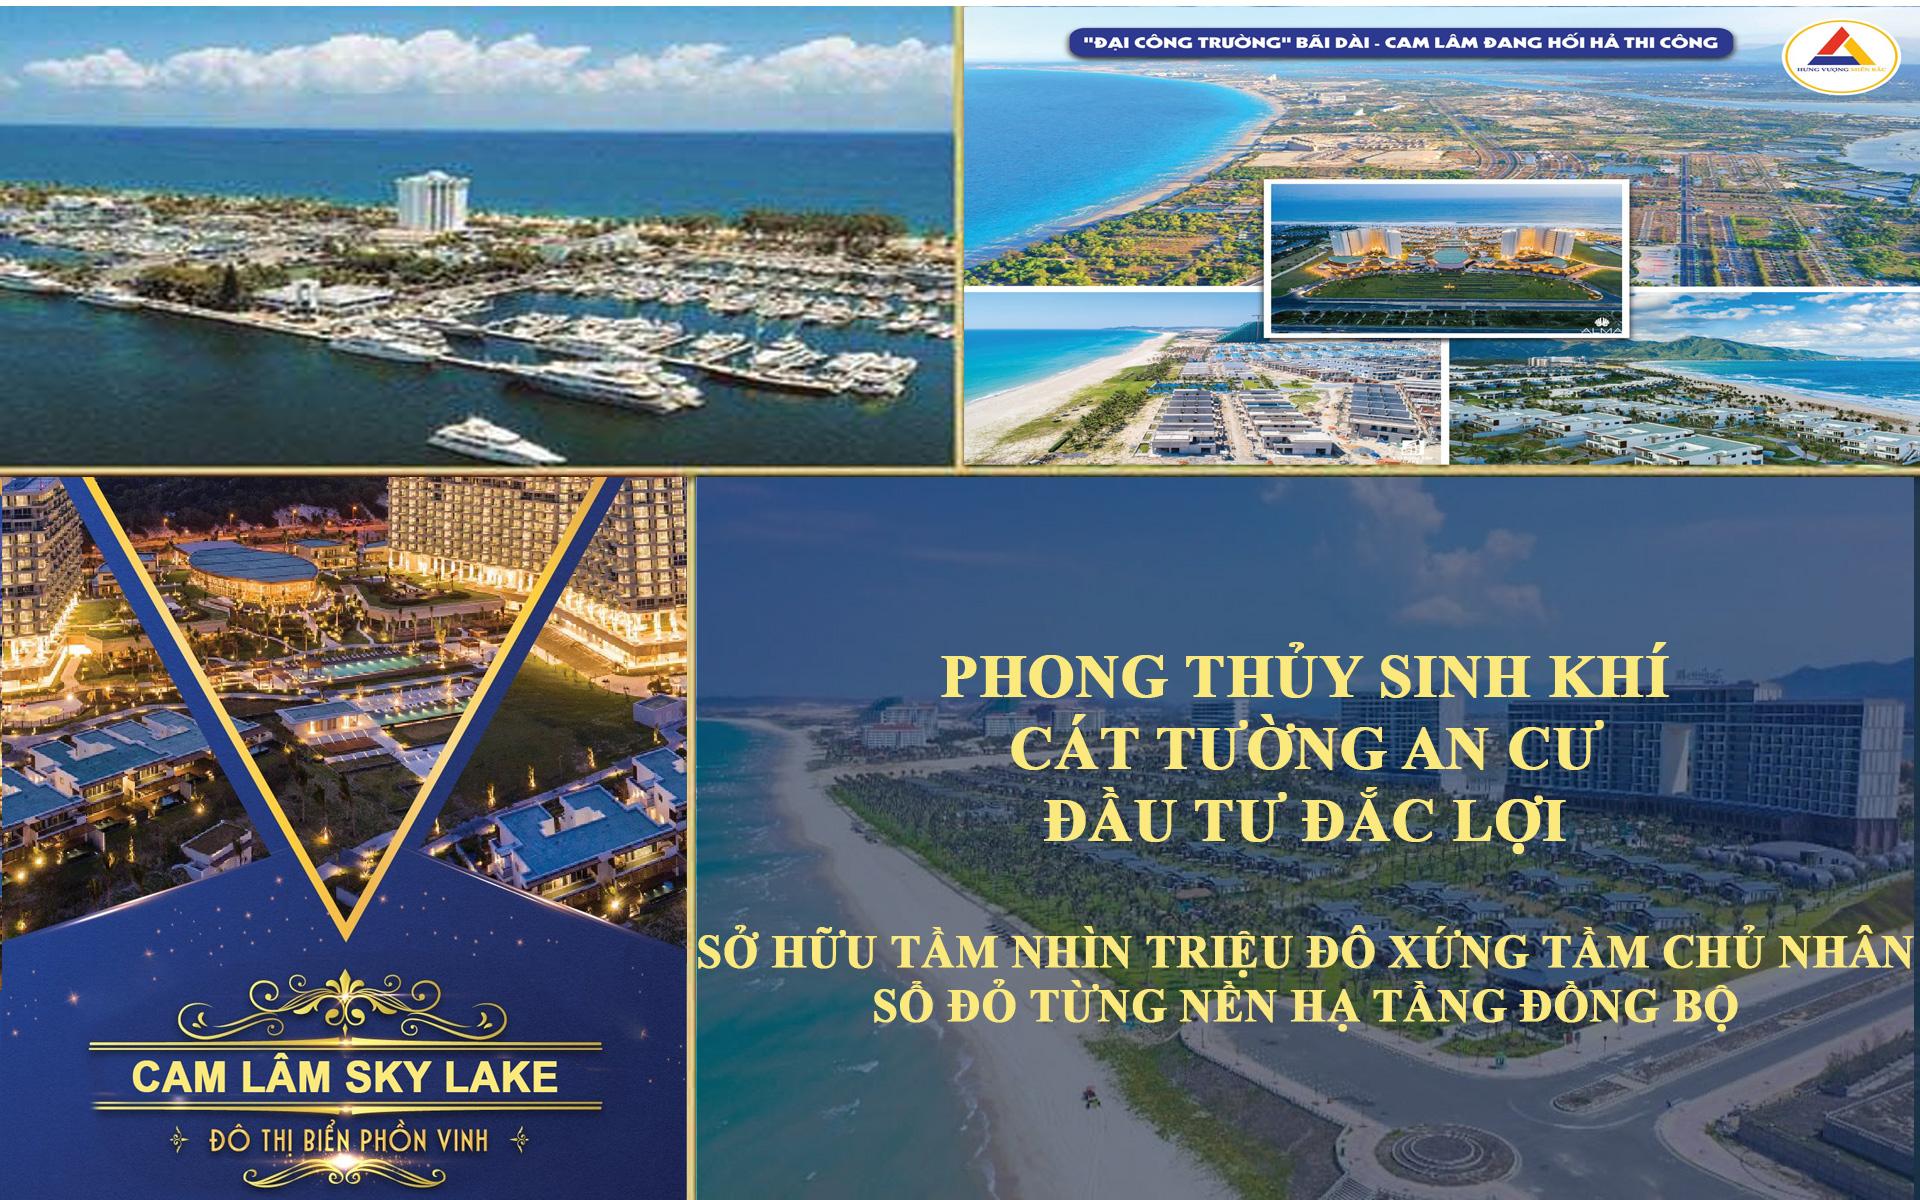 dự án cam lâm sky lake